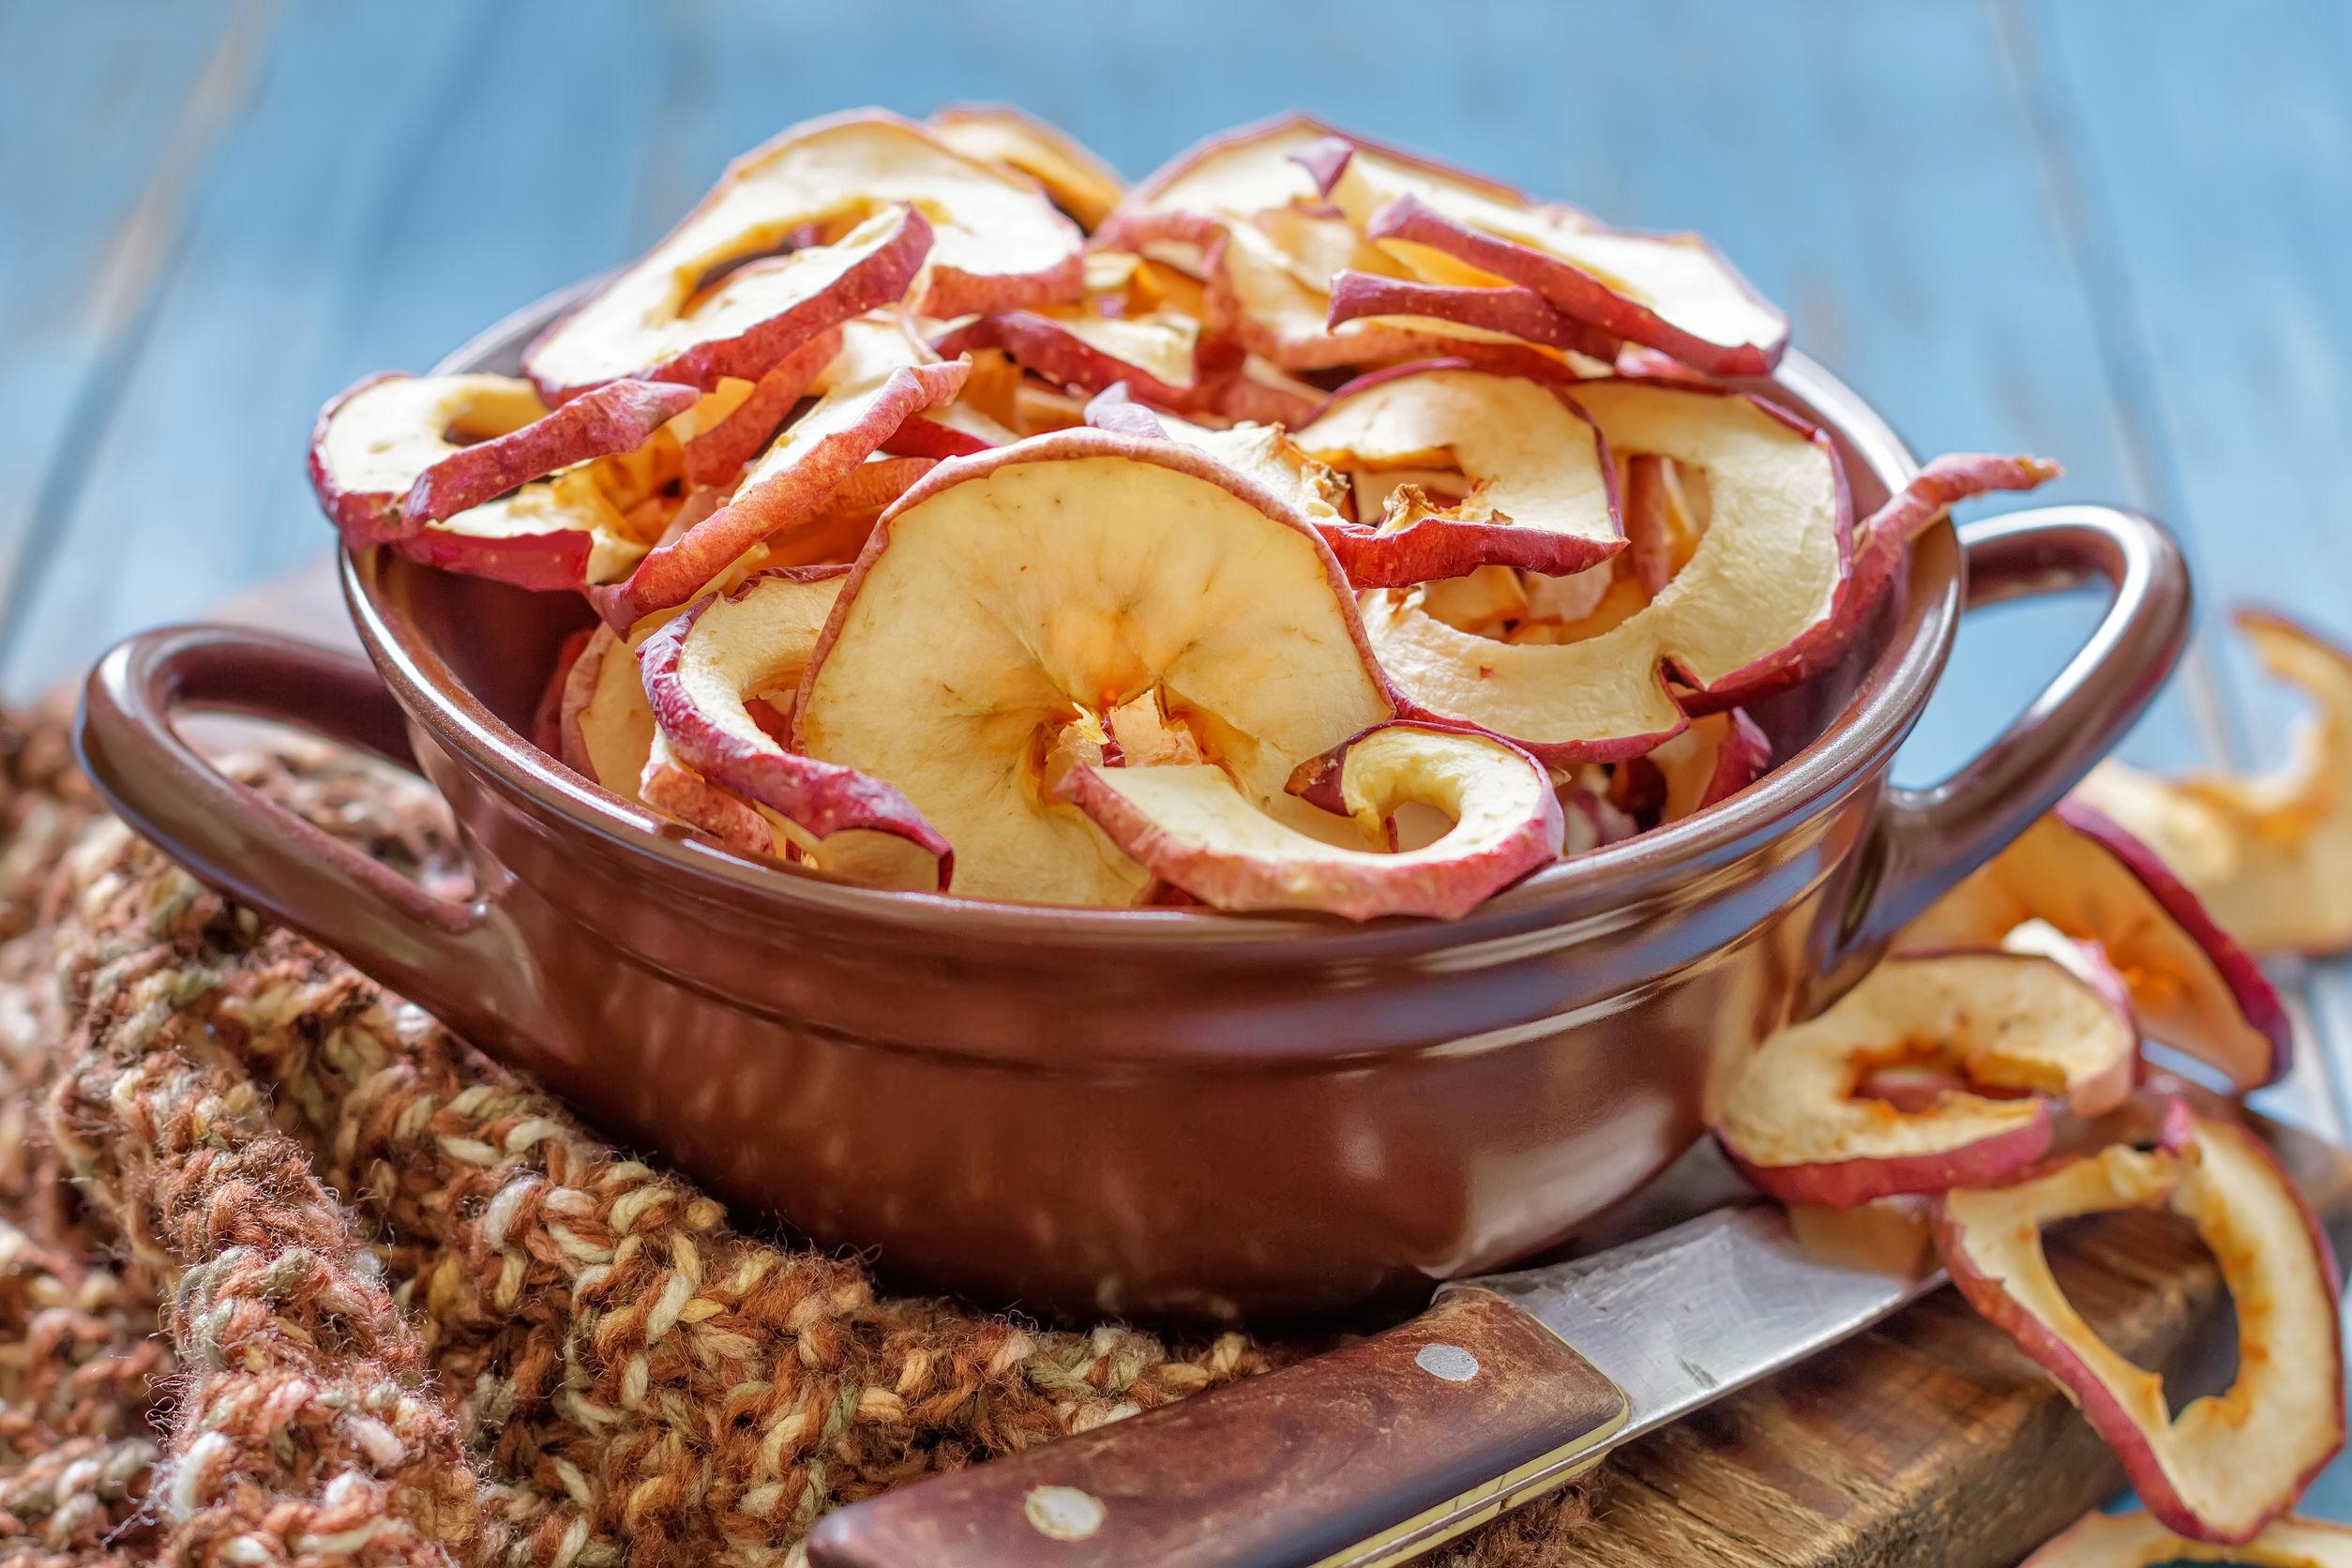 Desidratador de alimentos: Qual é o melhor de 2020?